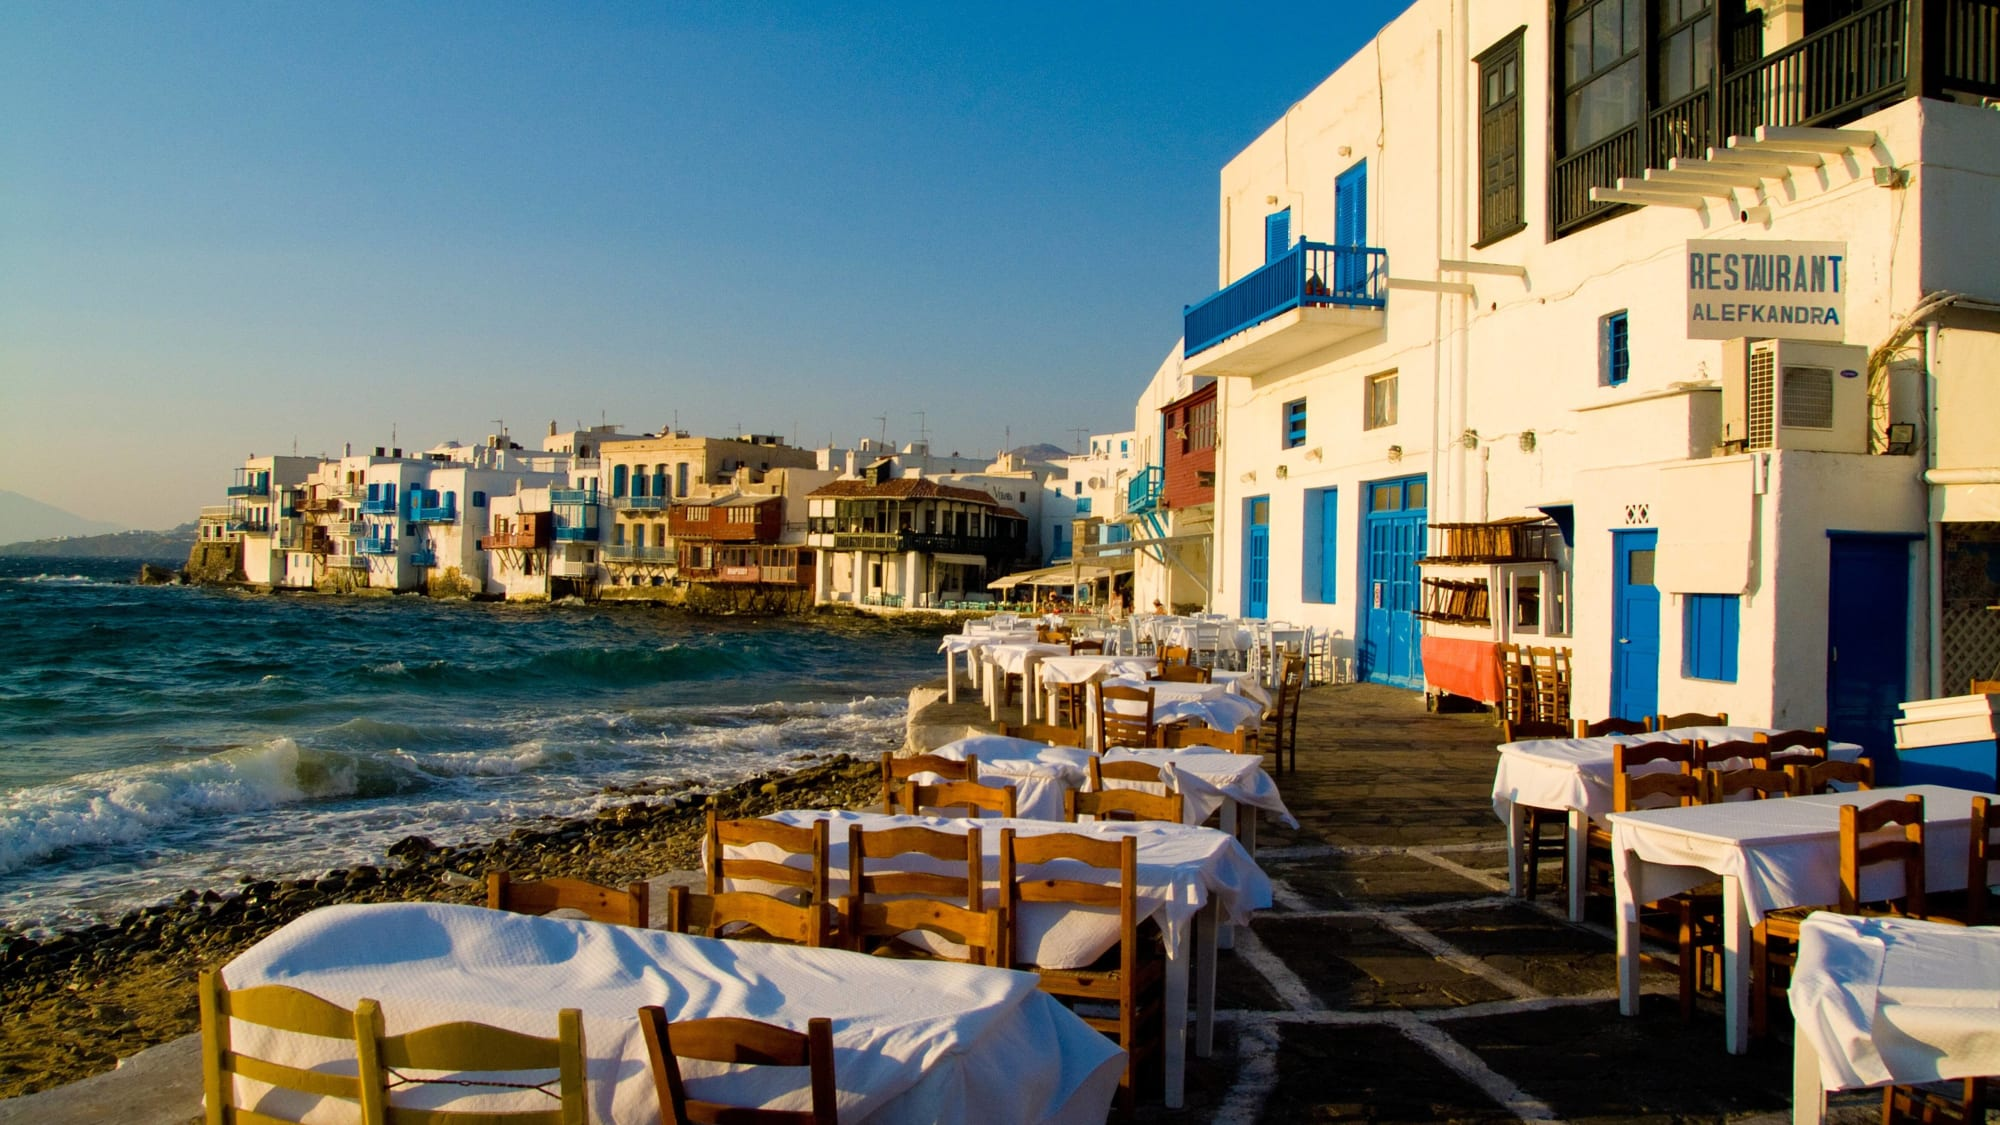 Griechenland 2020: Das müssen Urlauber wissen | ADAC